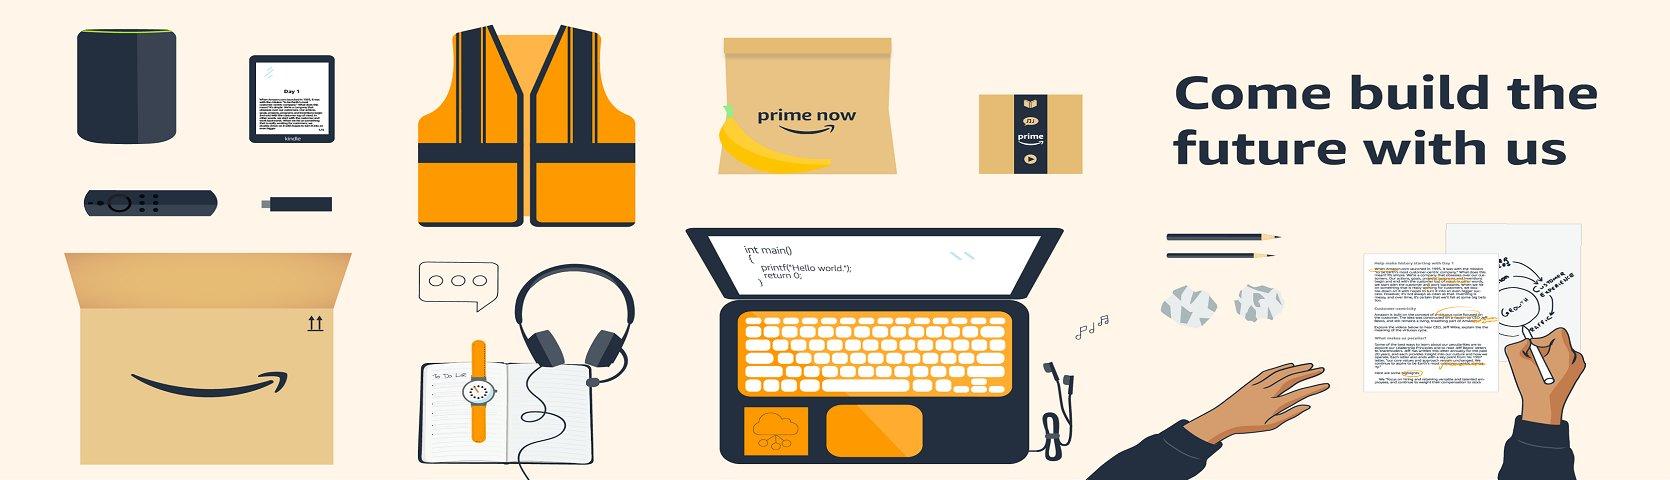 Amazon Deutschland Services GmbH